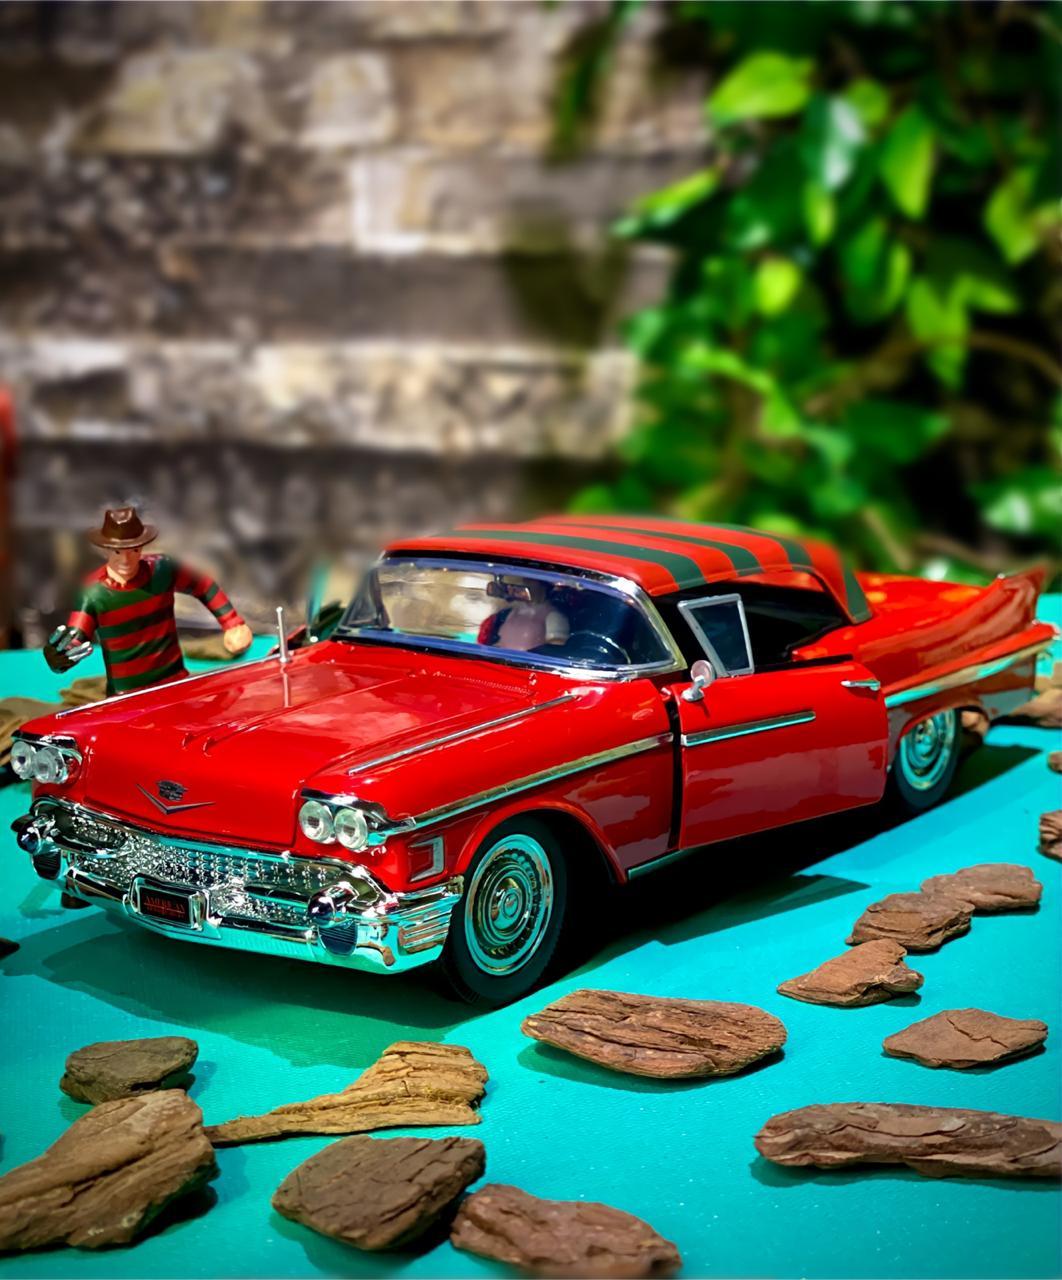 Carro Com Boneco Cadillac Series 62 Freddy Krueger: Hora Do Pesadelo (Die Cast Figure) Escala 1/24 - Jada Toys